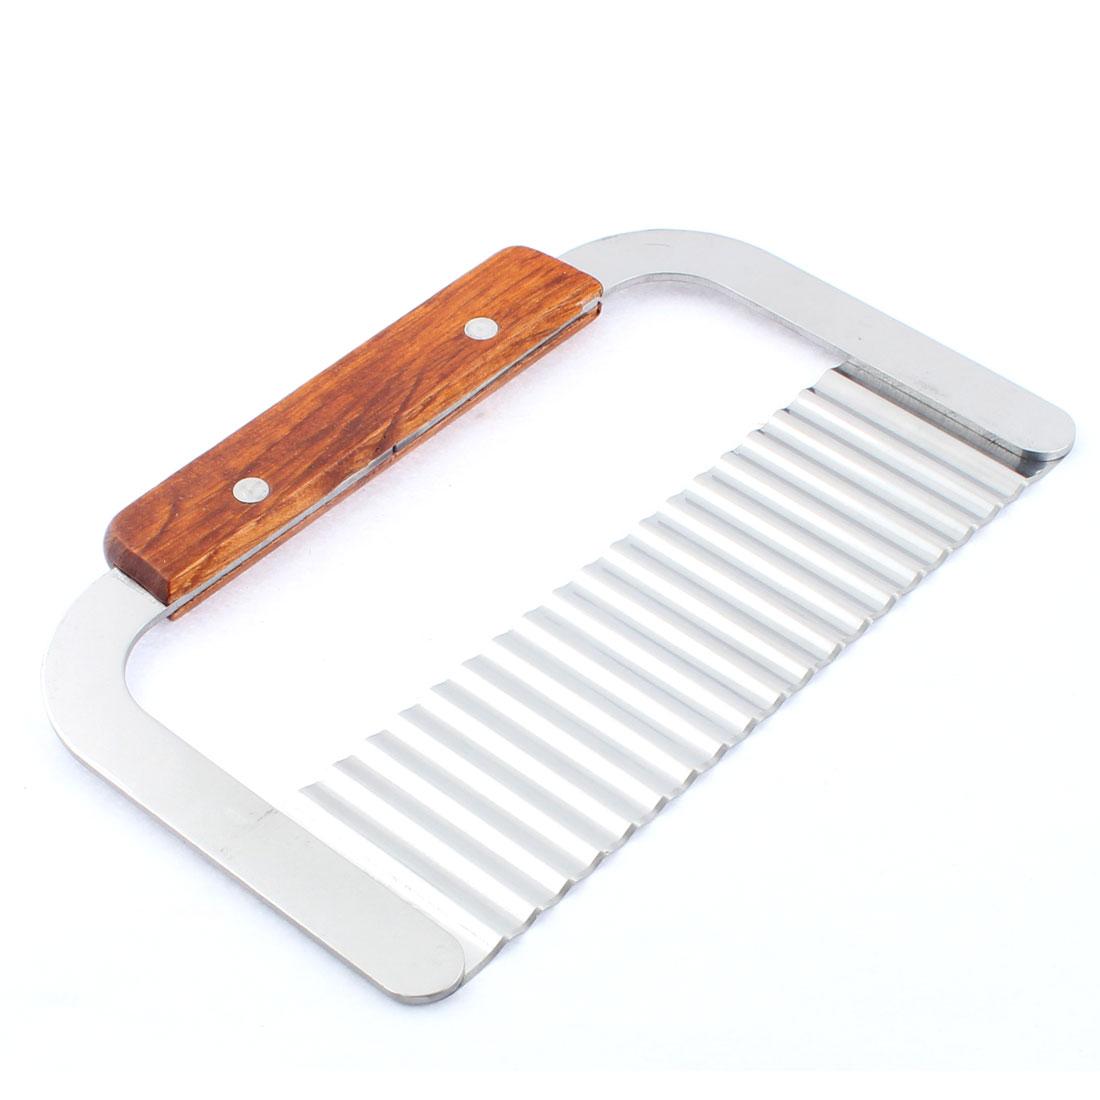 18.5cm Long Wooden Handle Potato Chip Dough Vegetable Wave Slicer Crinkle Cutter